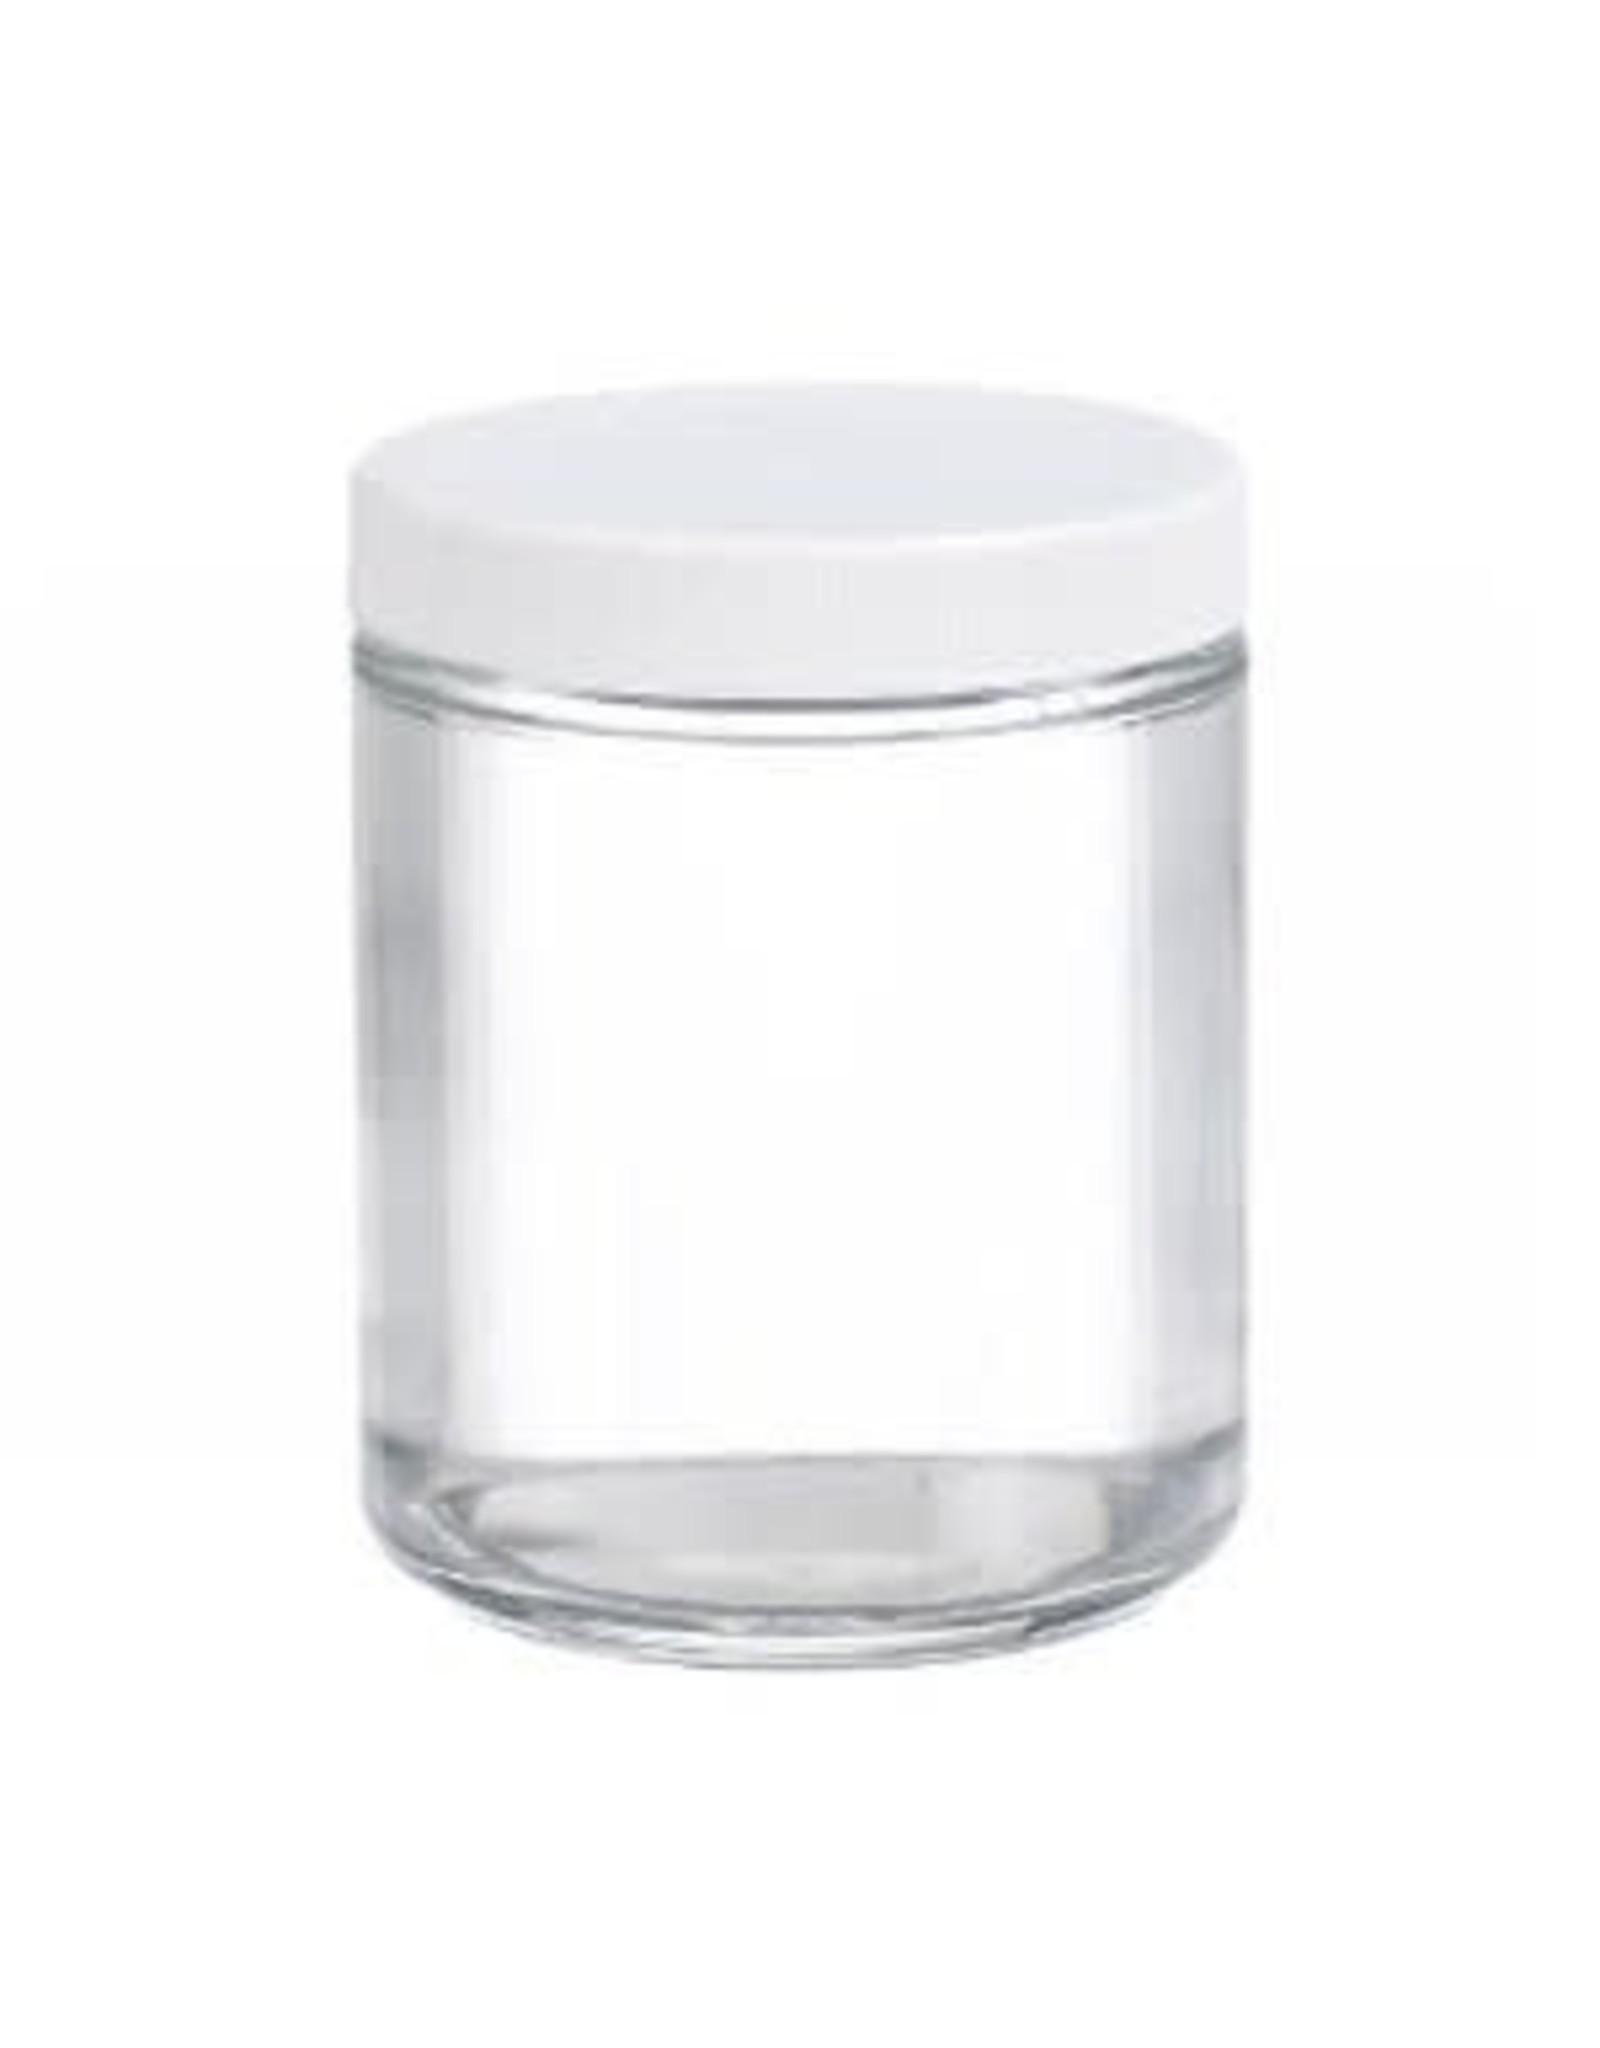 12OZ GLASS YEAST STORAGE JARS